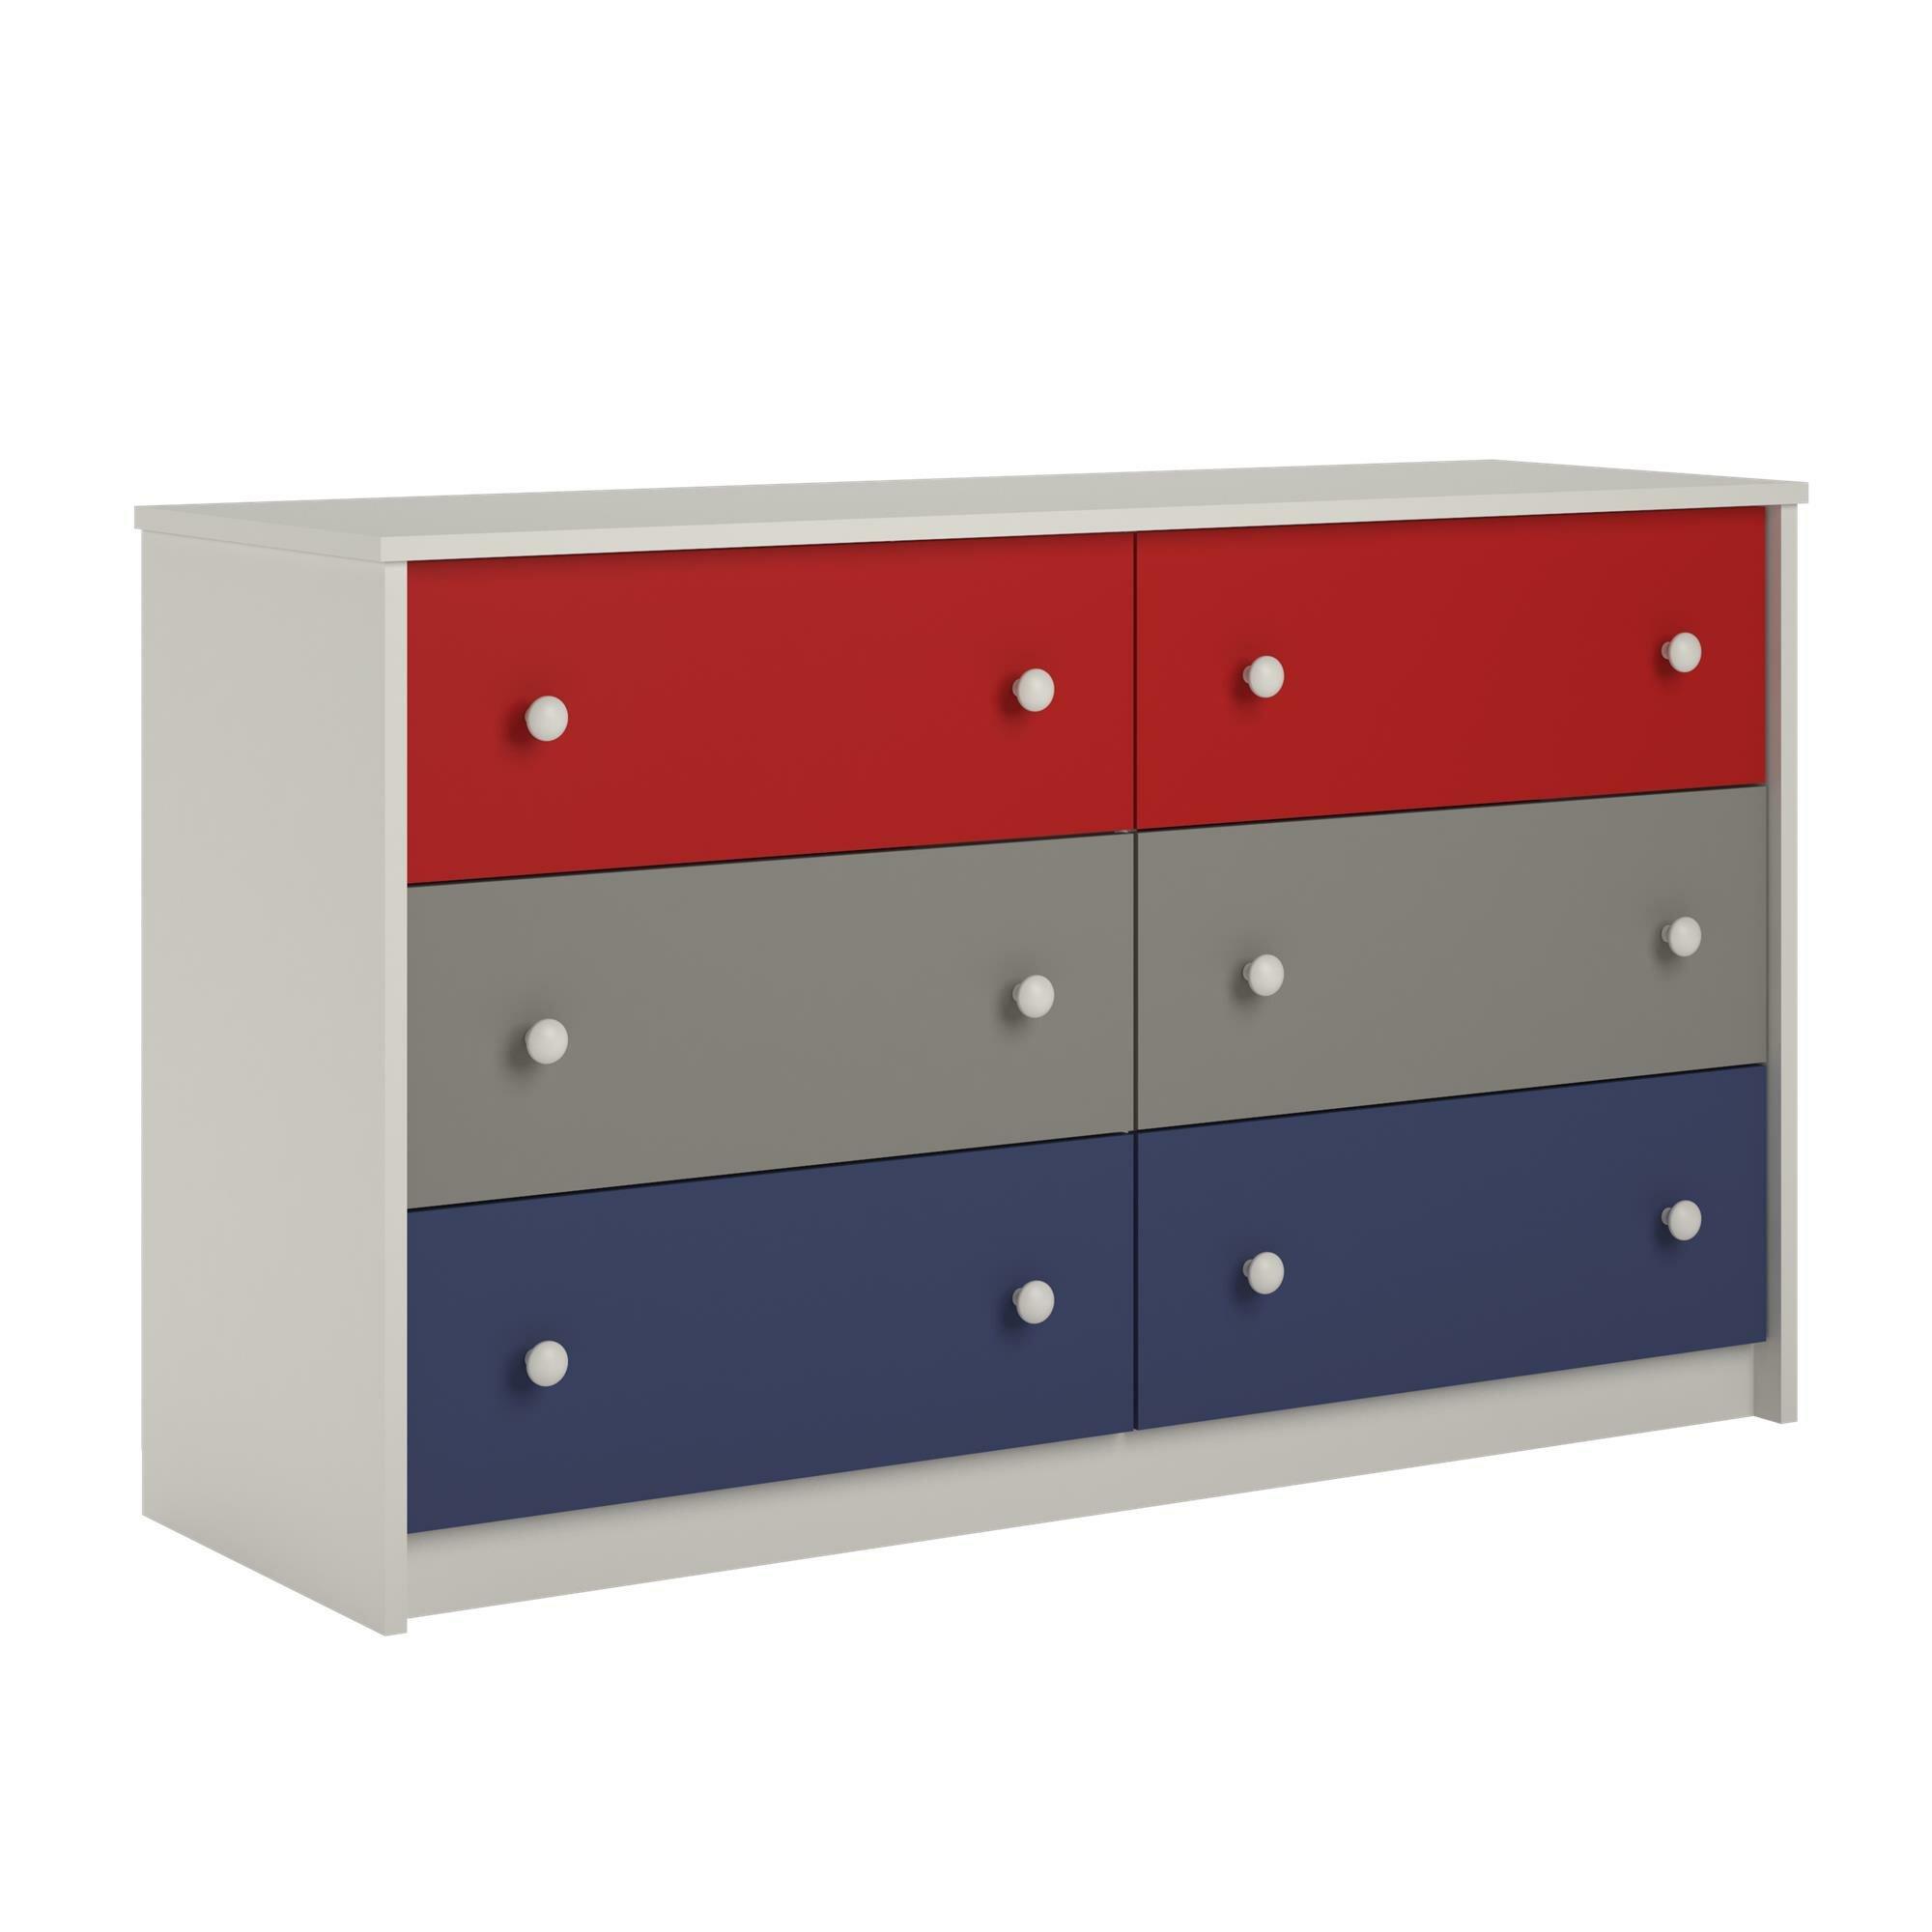 Zoomie kids nola 6 drawer double dresser reviews wayfair for 1 door 6 drawer chest